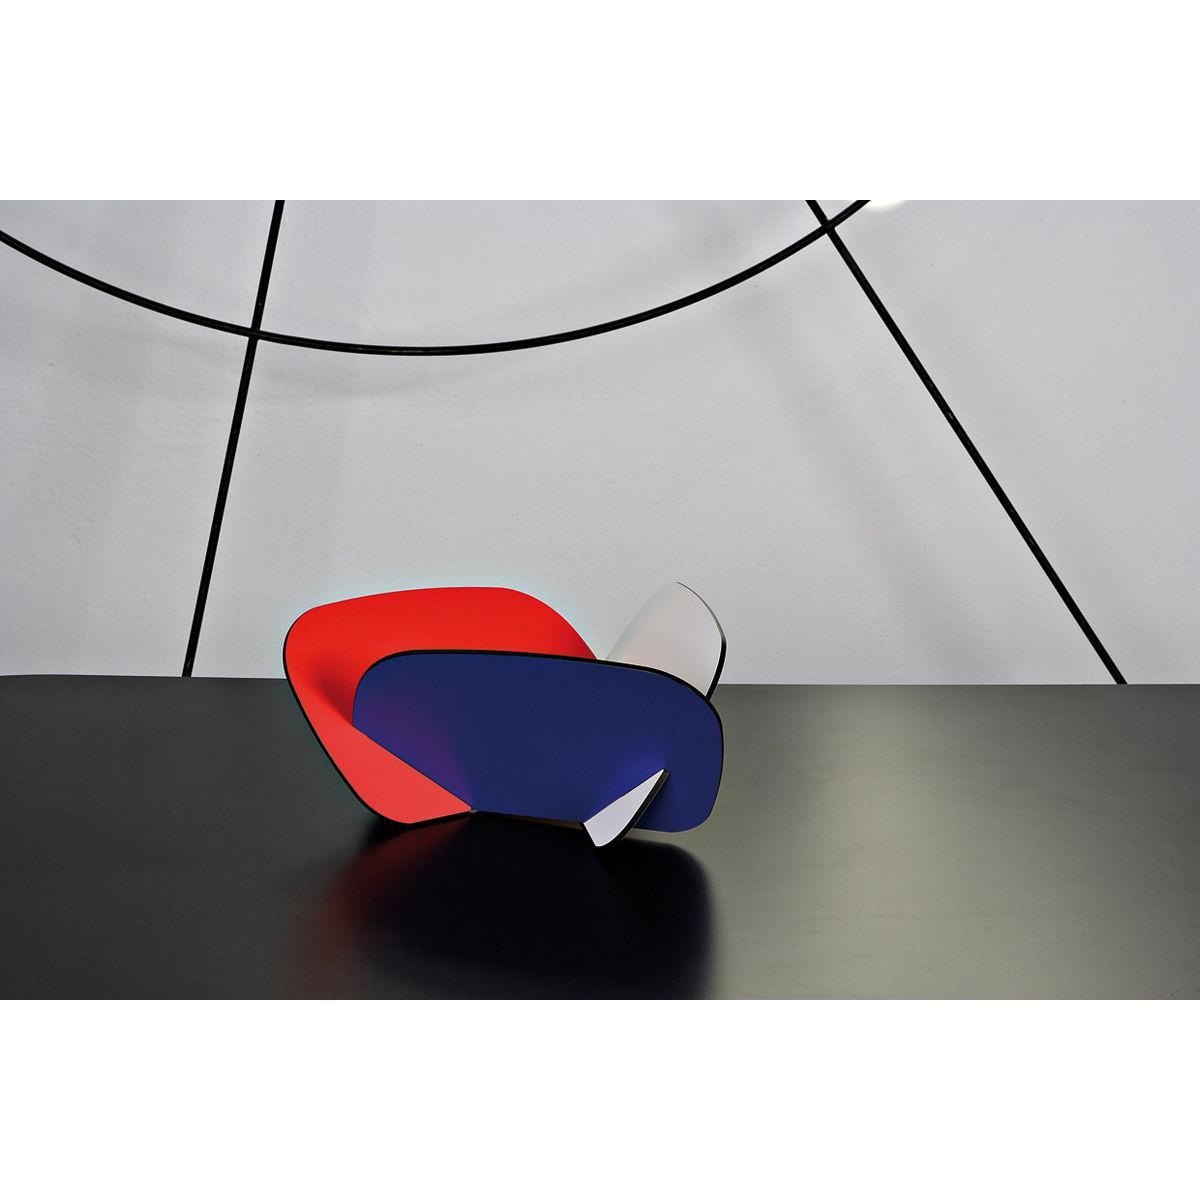 Contenitore multiuso formato da tre tasselli incassati tra loro con grafica stile BauhausPortafrutta